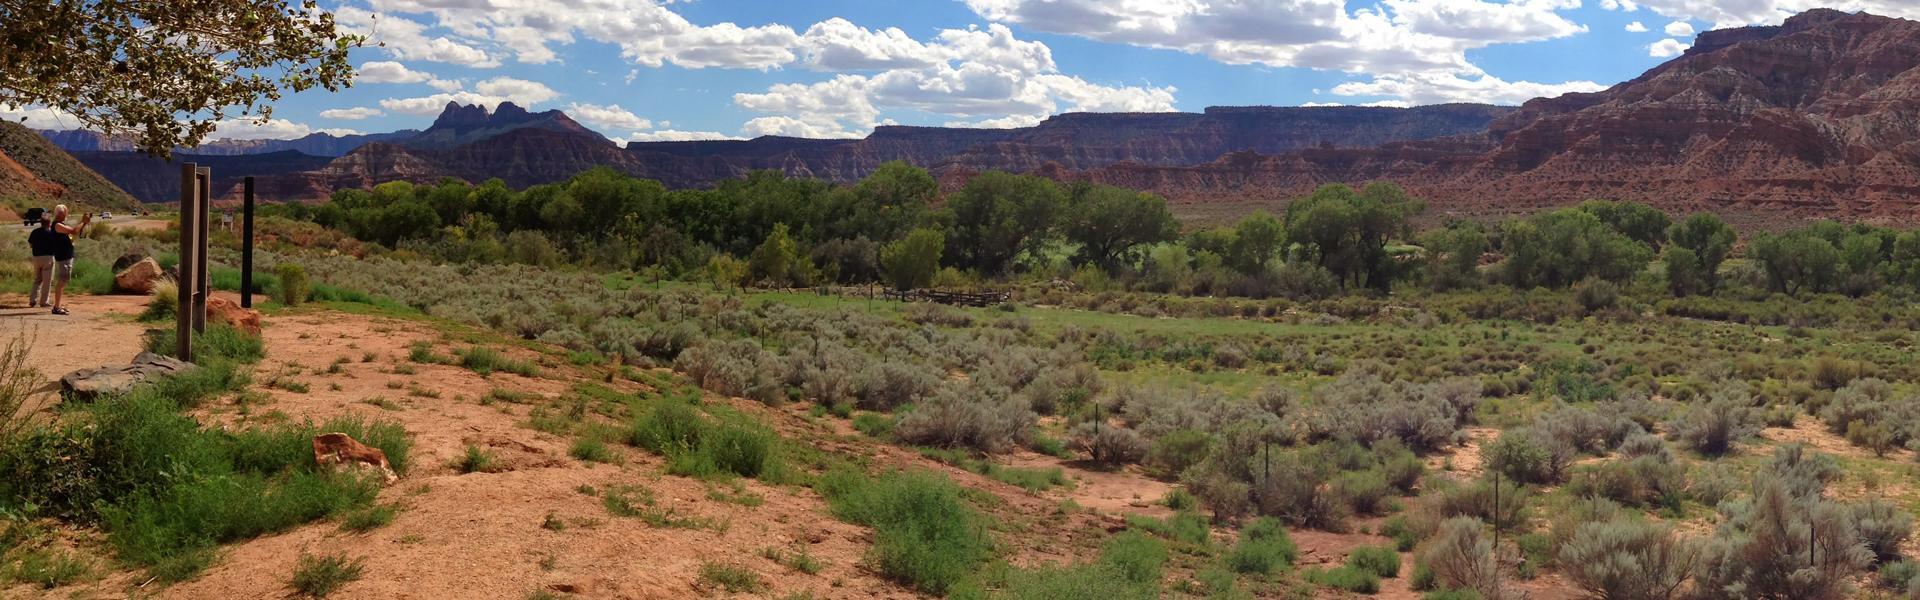 us_panorama_15(2).jpg